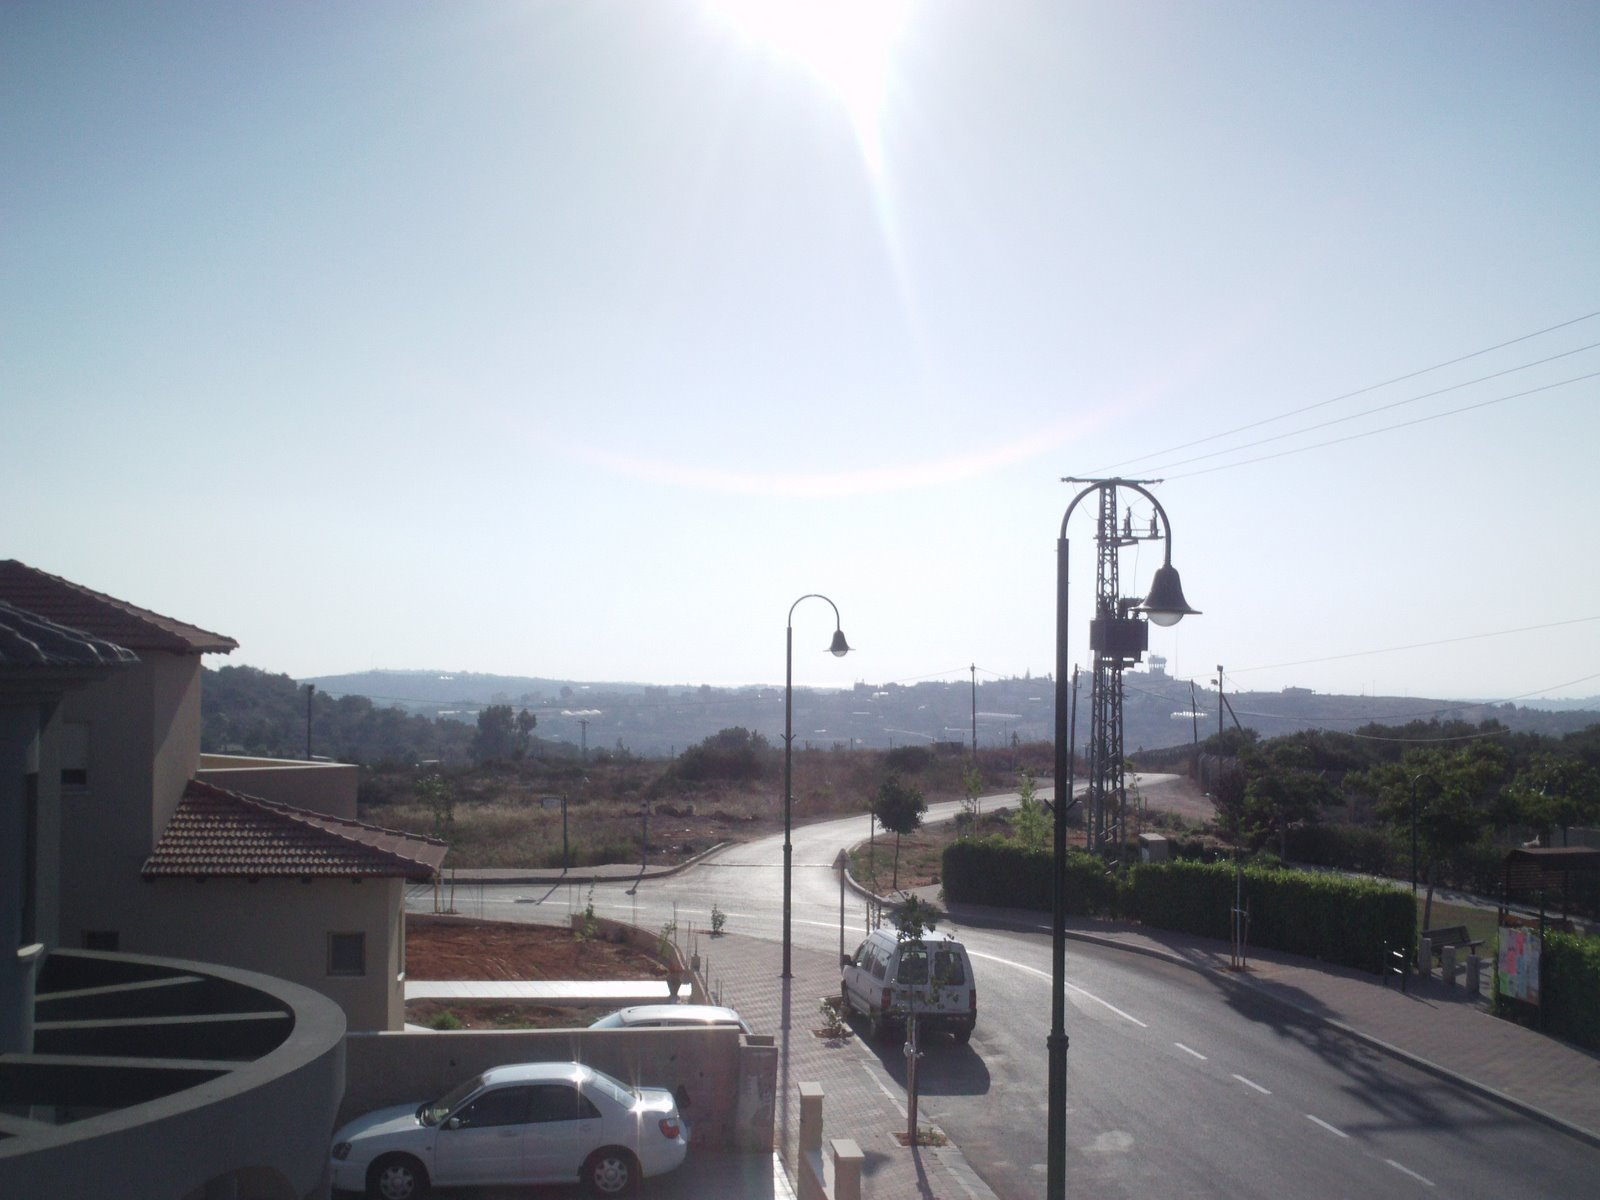 [Looking+down+street+from+mirpeset.JPG]